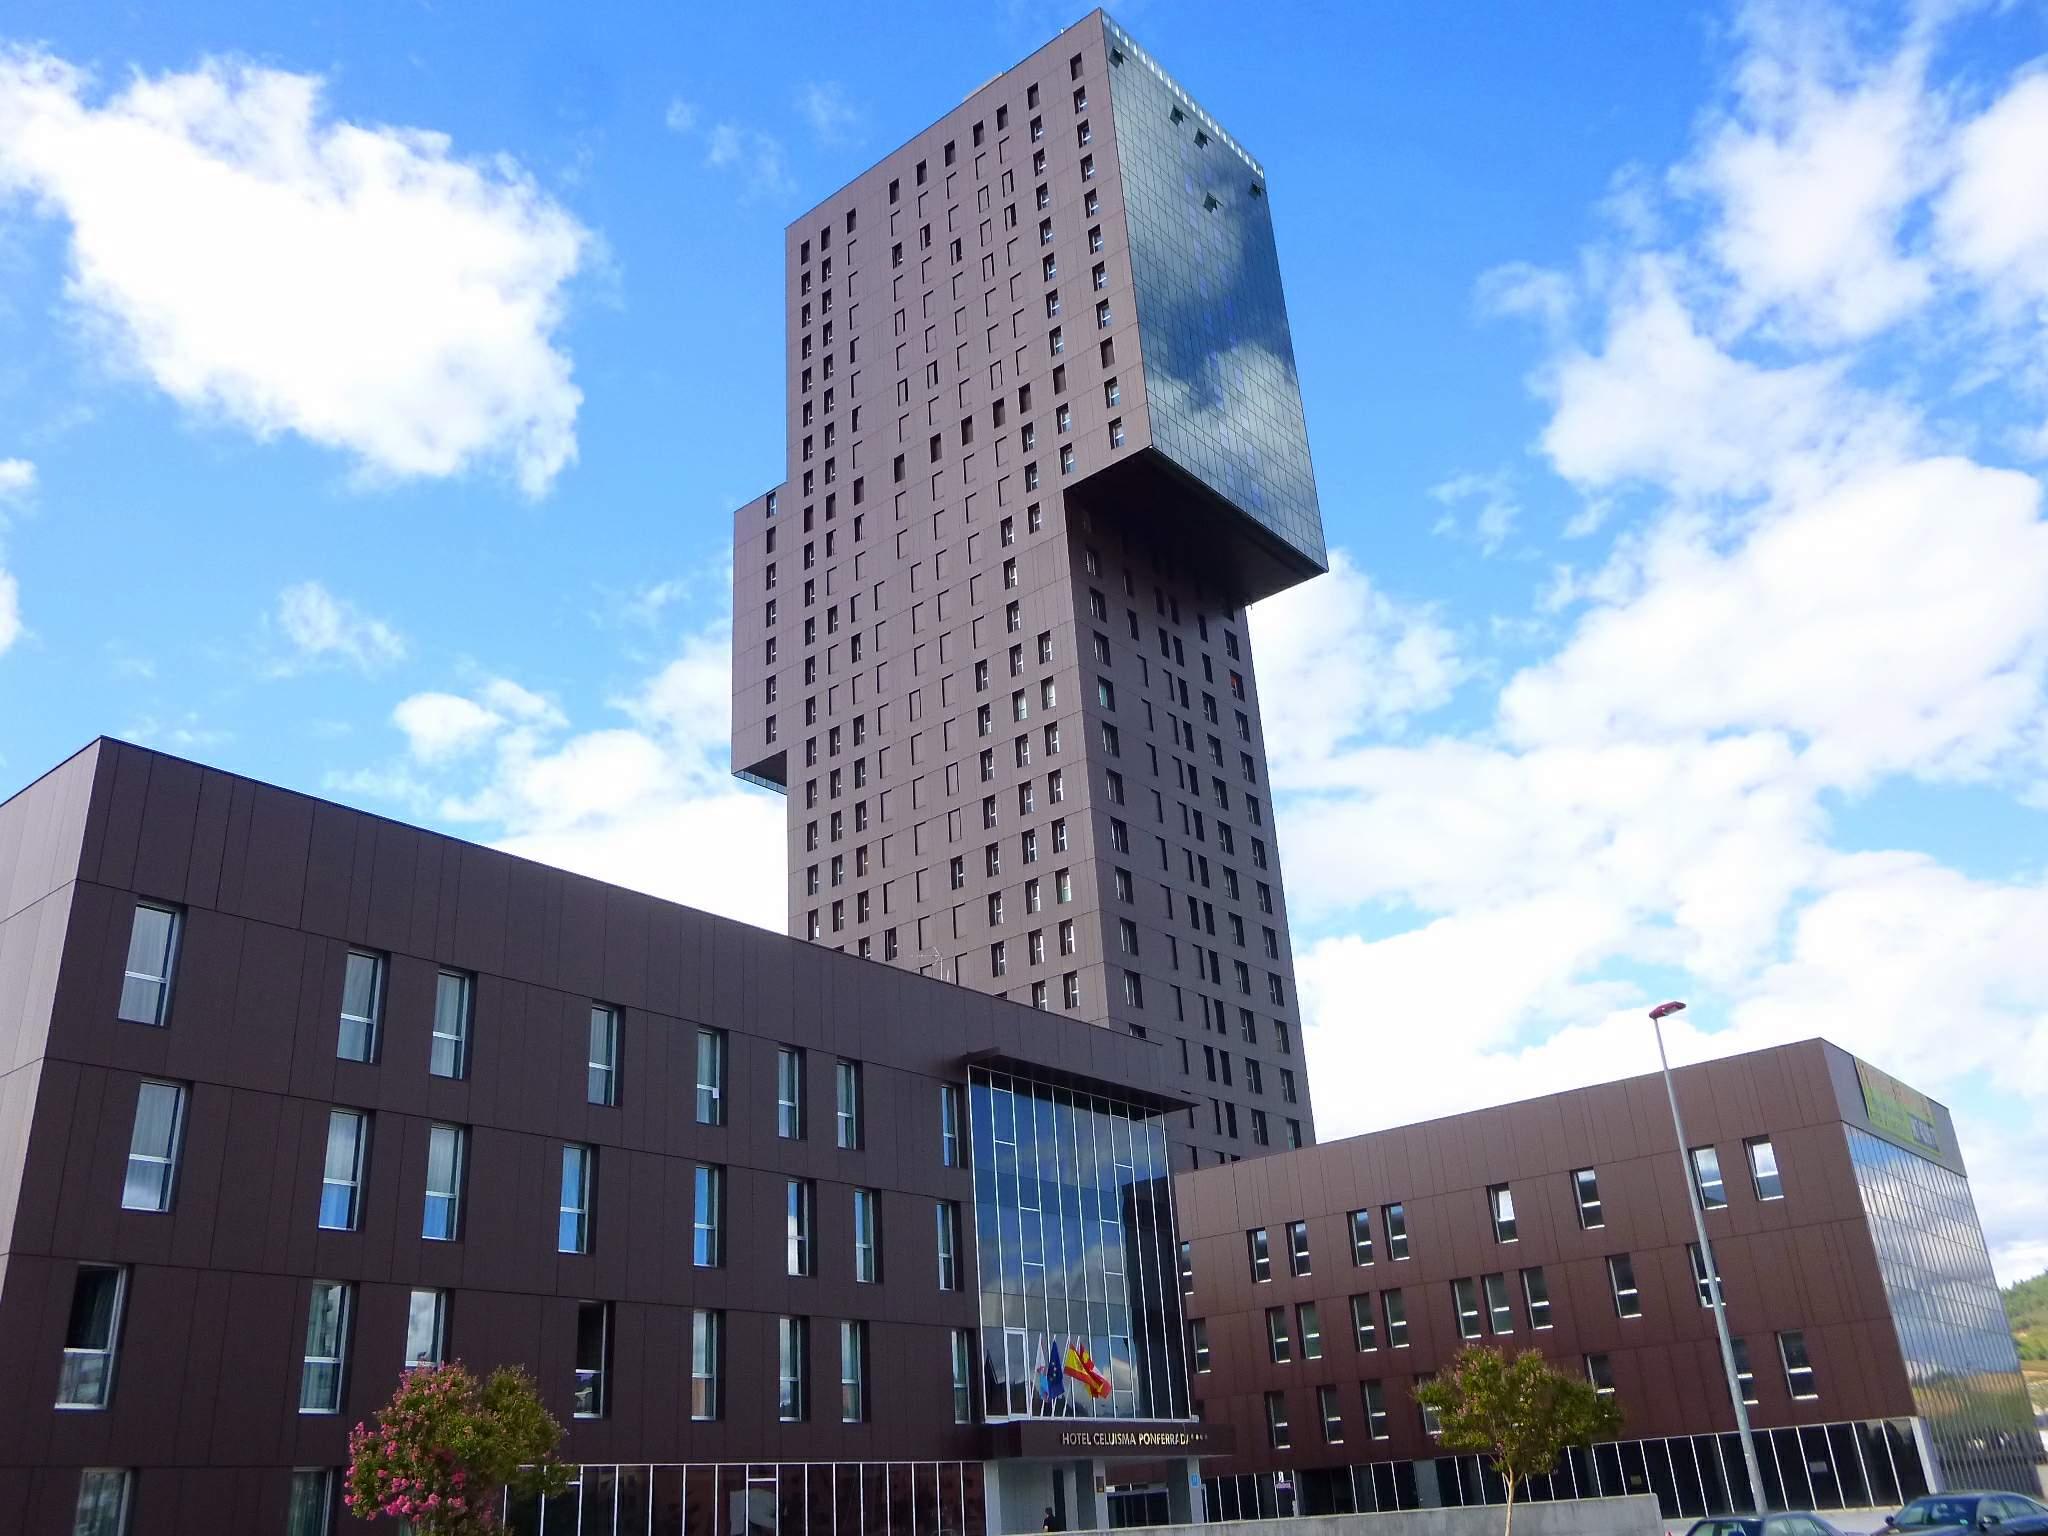 EL blog de la cadena Zenit hoteles incluye a la Torre de la Rosaleda entre los 15 edificios más feos y raros de España 1